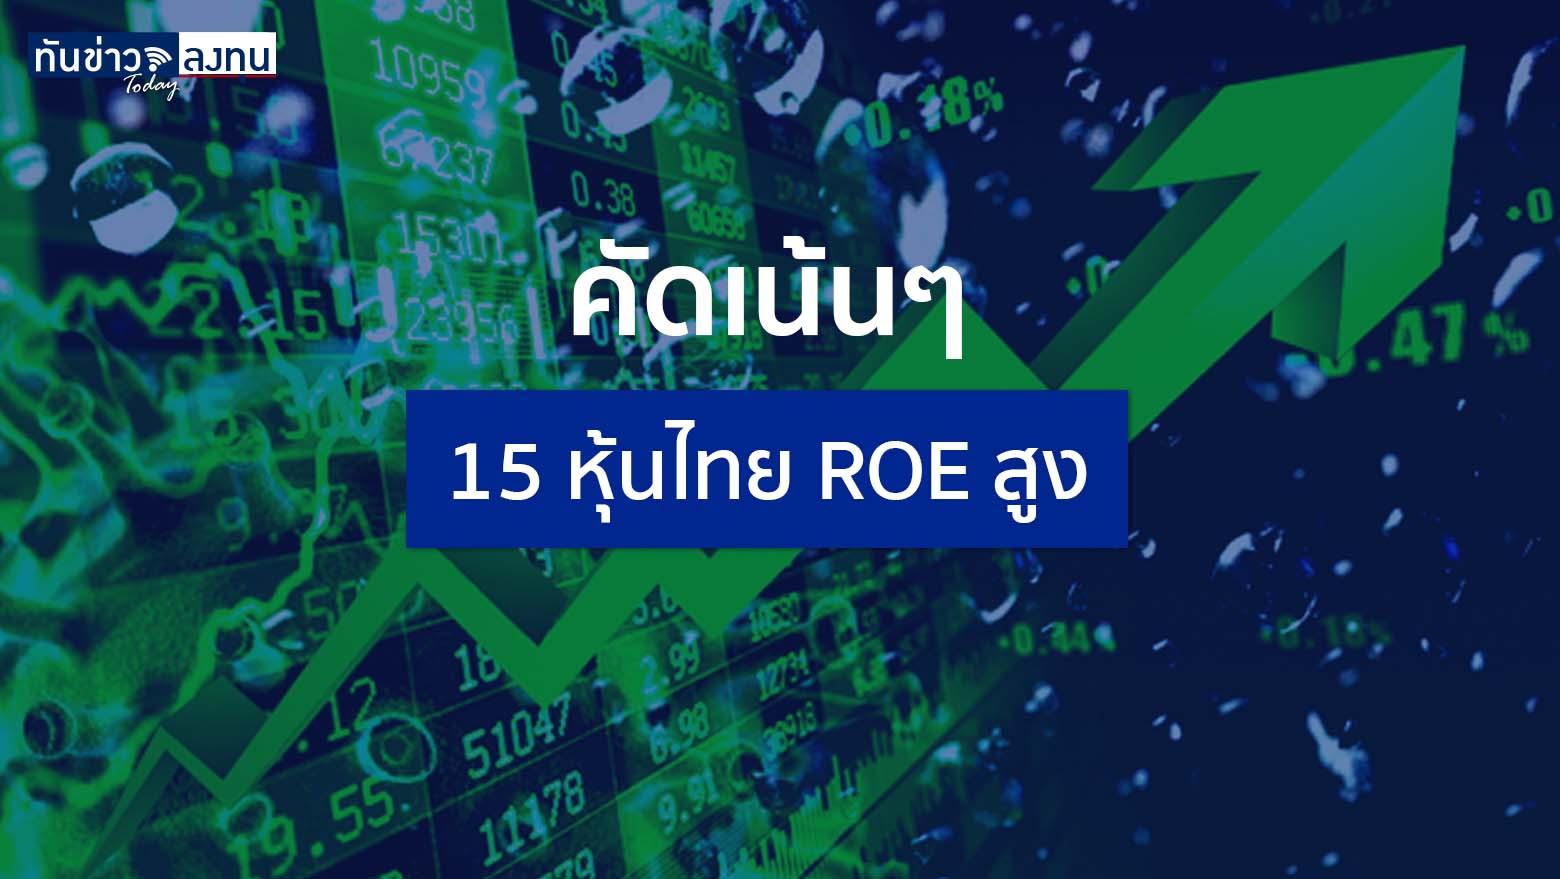 คัดเน้นๆ 15 หุ้นไทย ROE สูง